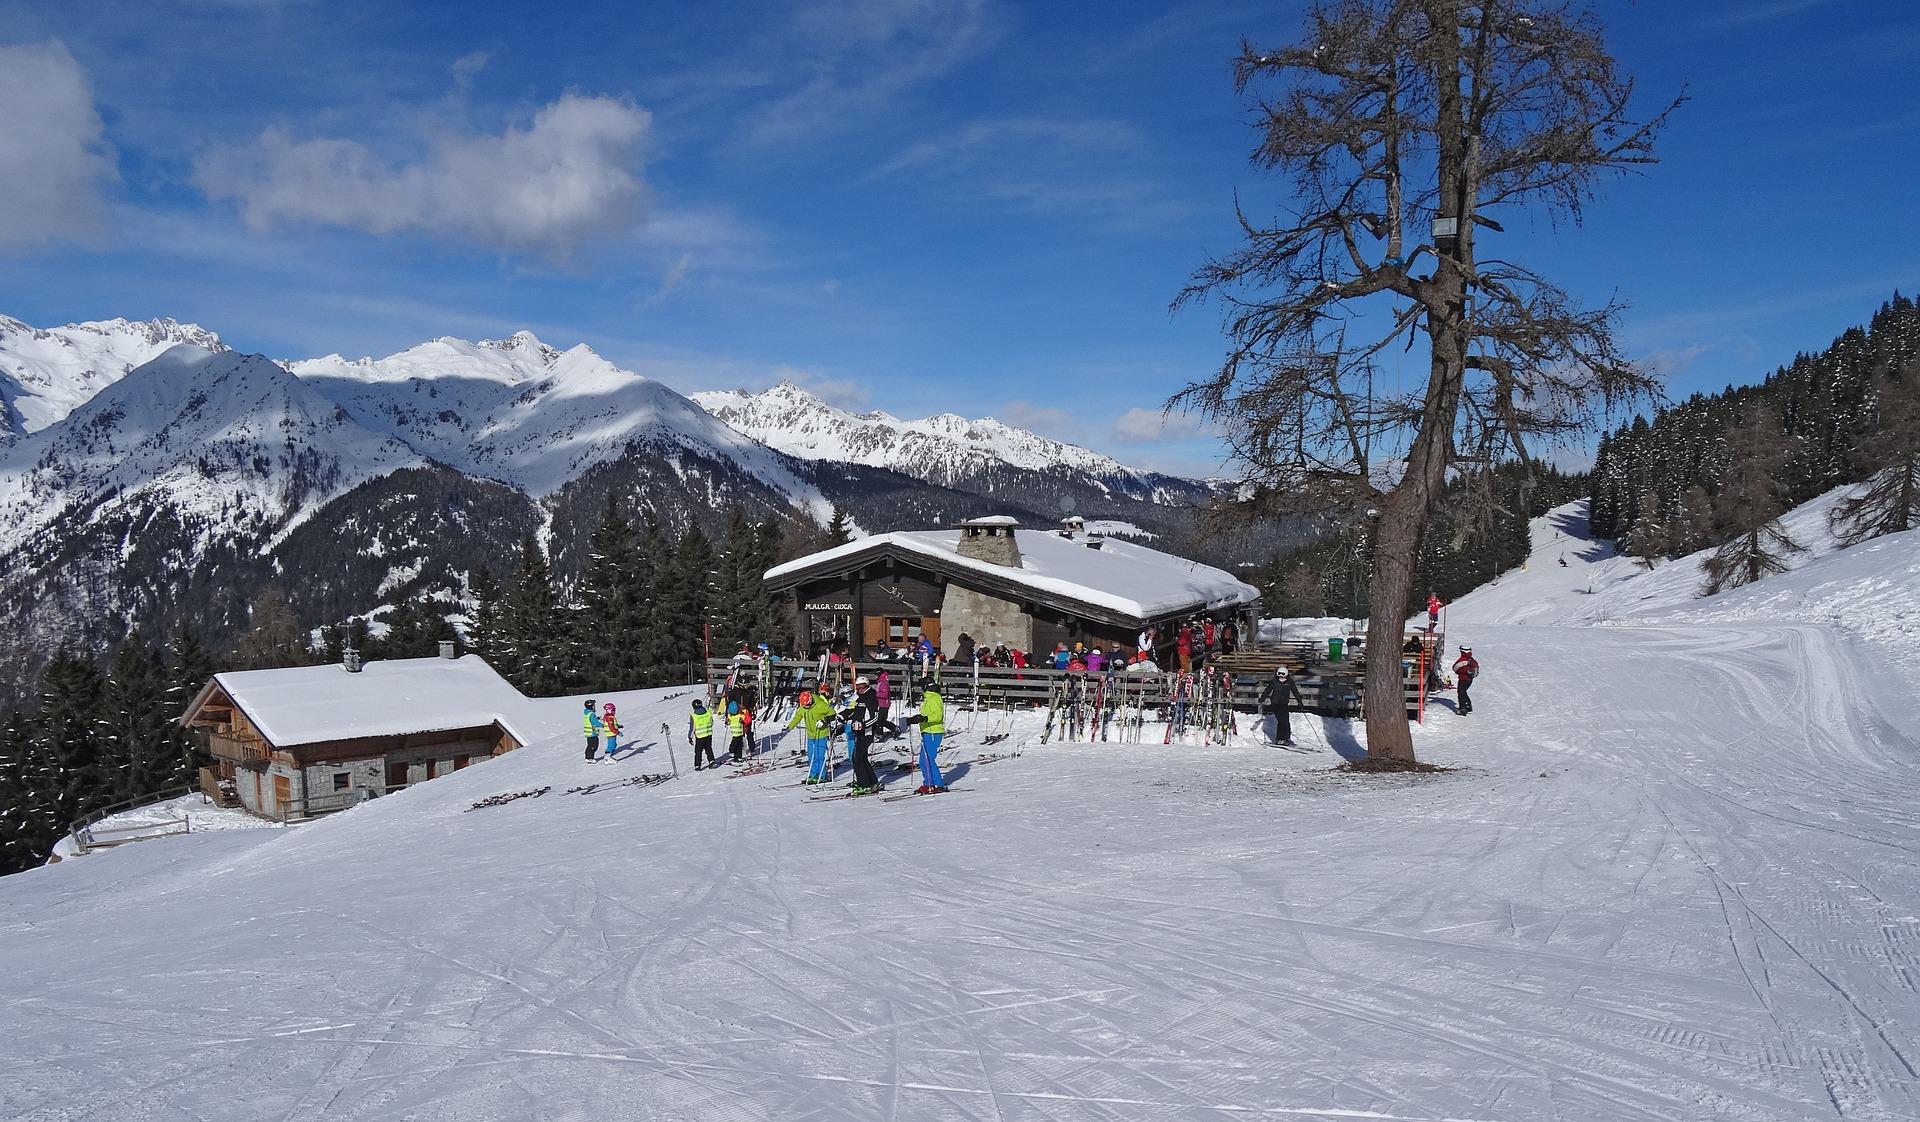 Skiën in de omgeving van Madonna di Campiglio